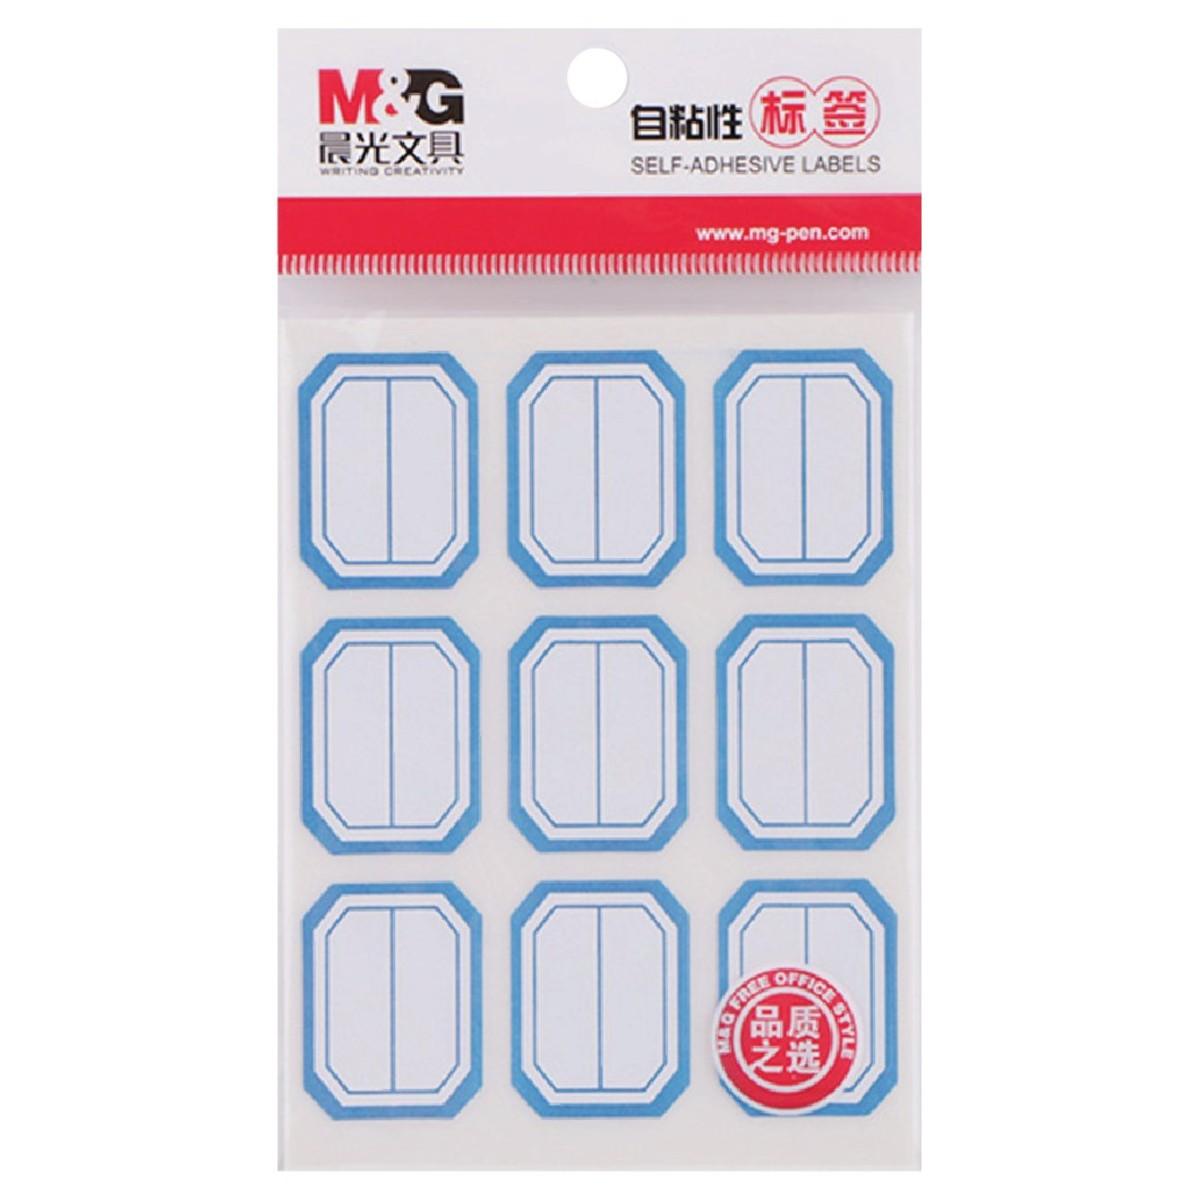 【10件裝】自粘性標籤 9枚(10張) (25 x 33mm)